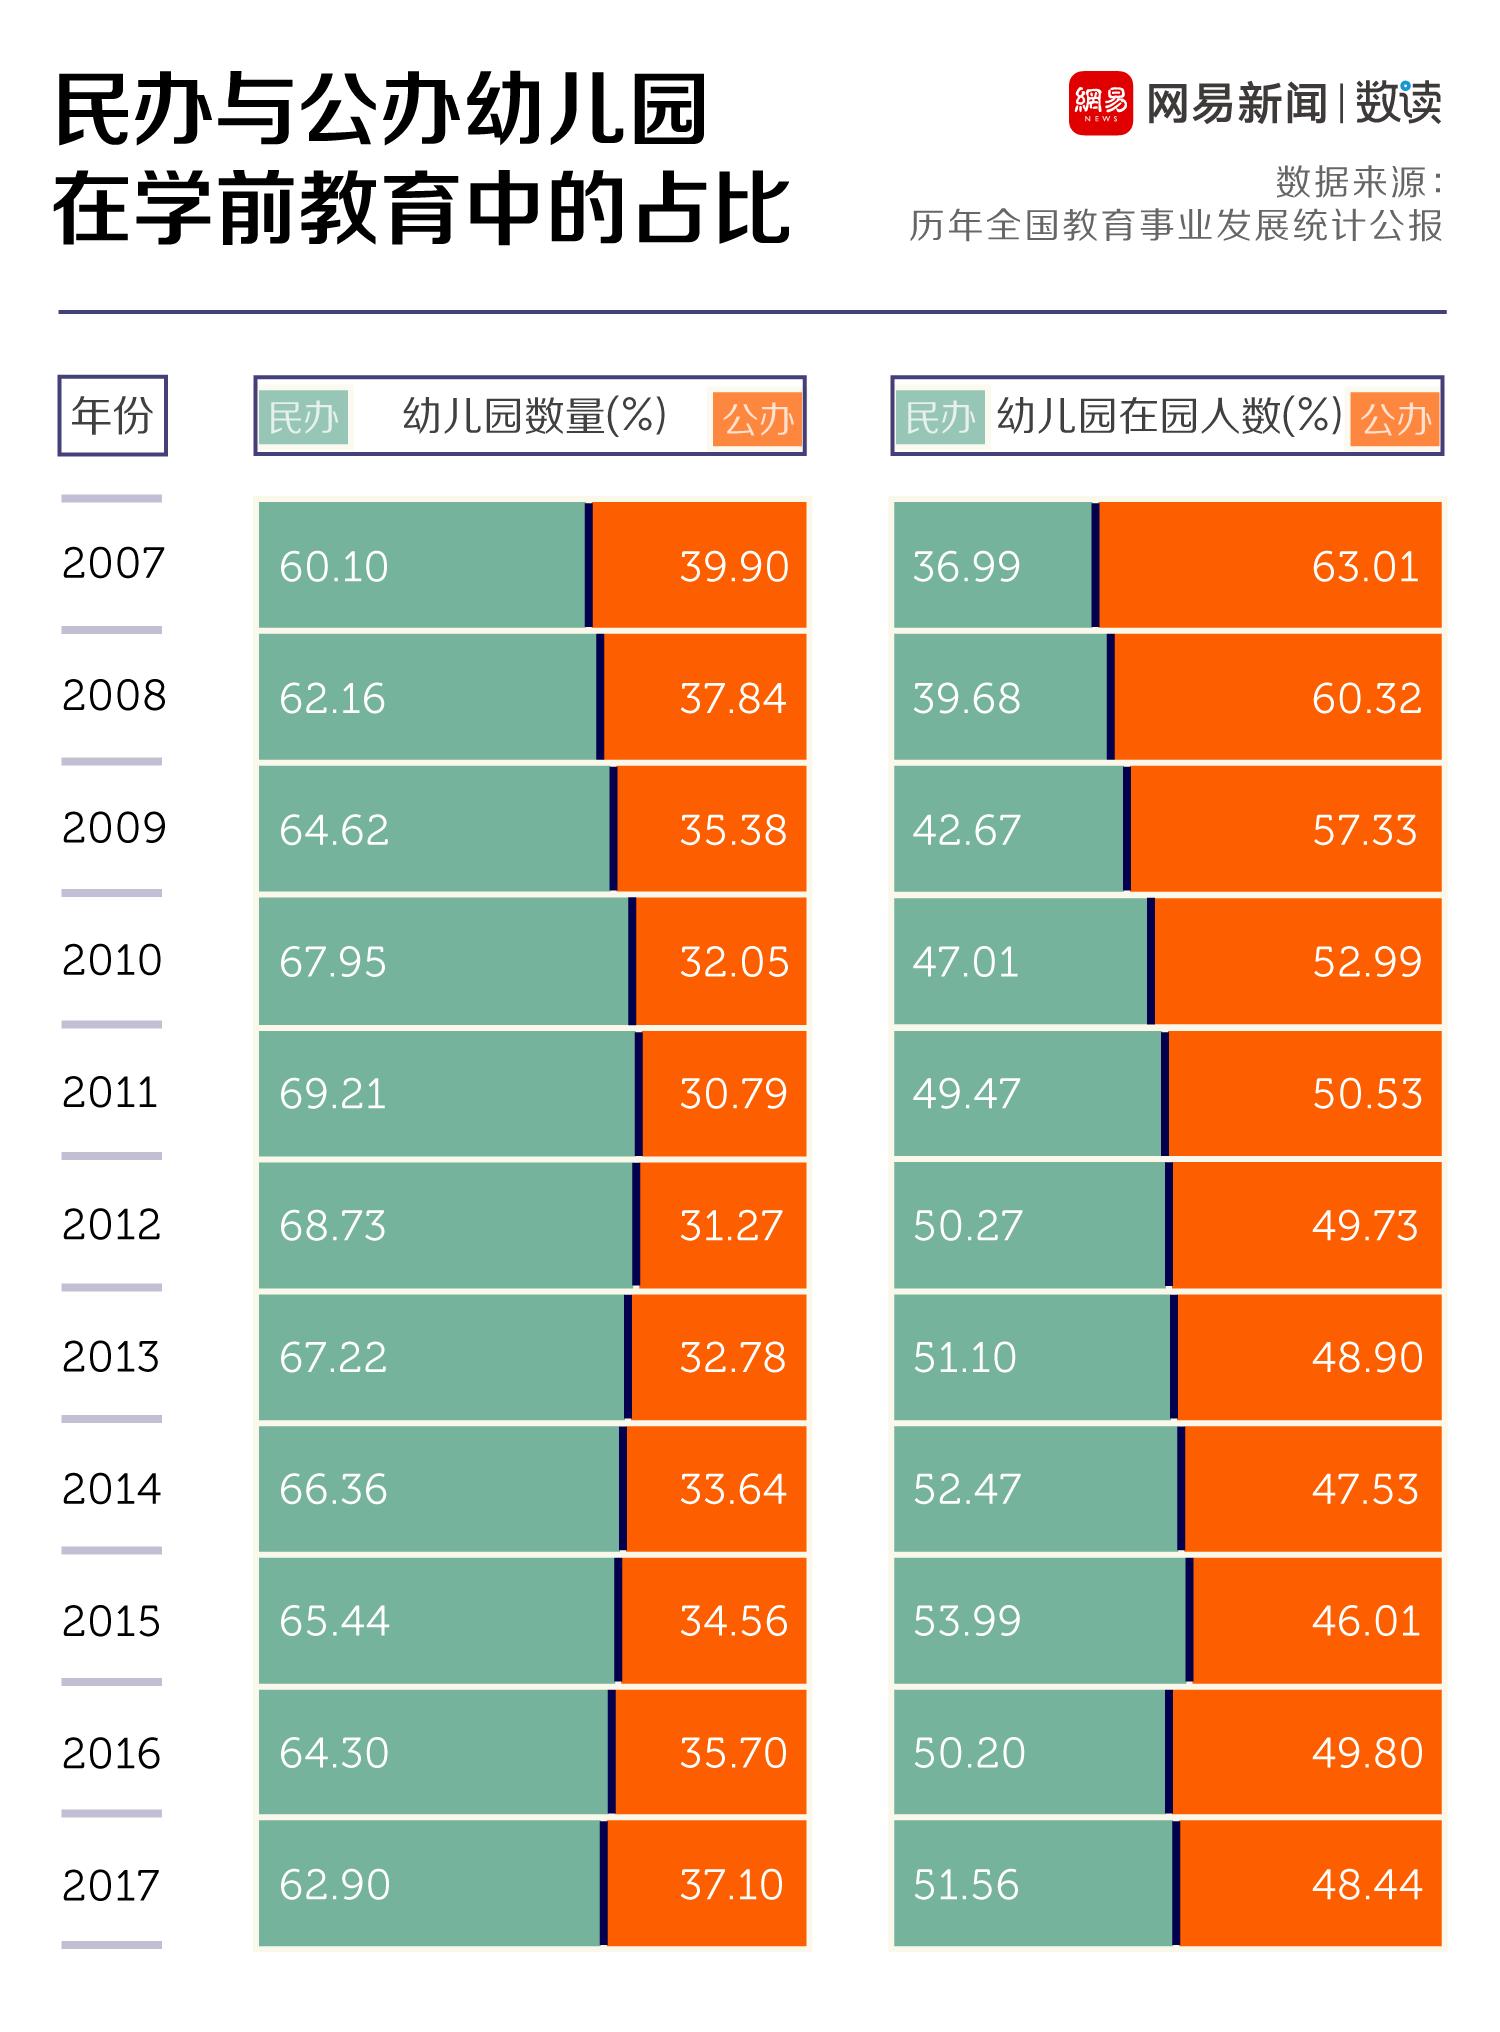 进不去上不起的幼儿园成了中国人最好的避孕药